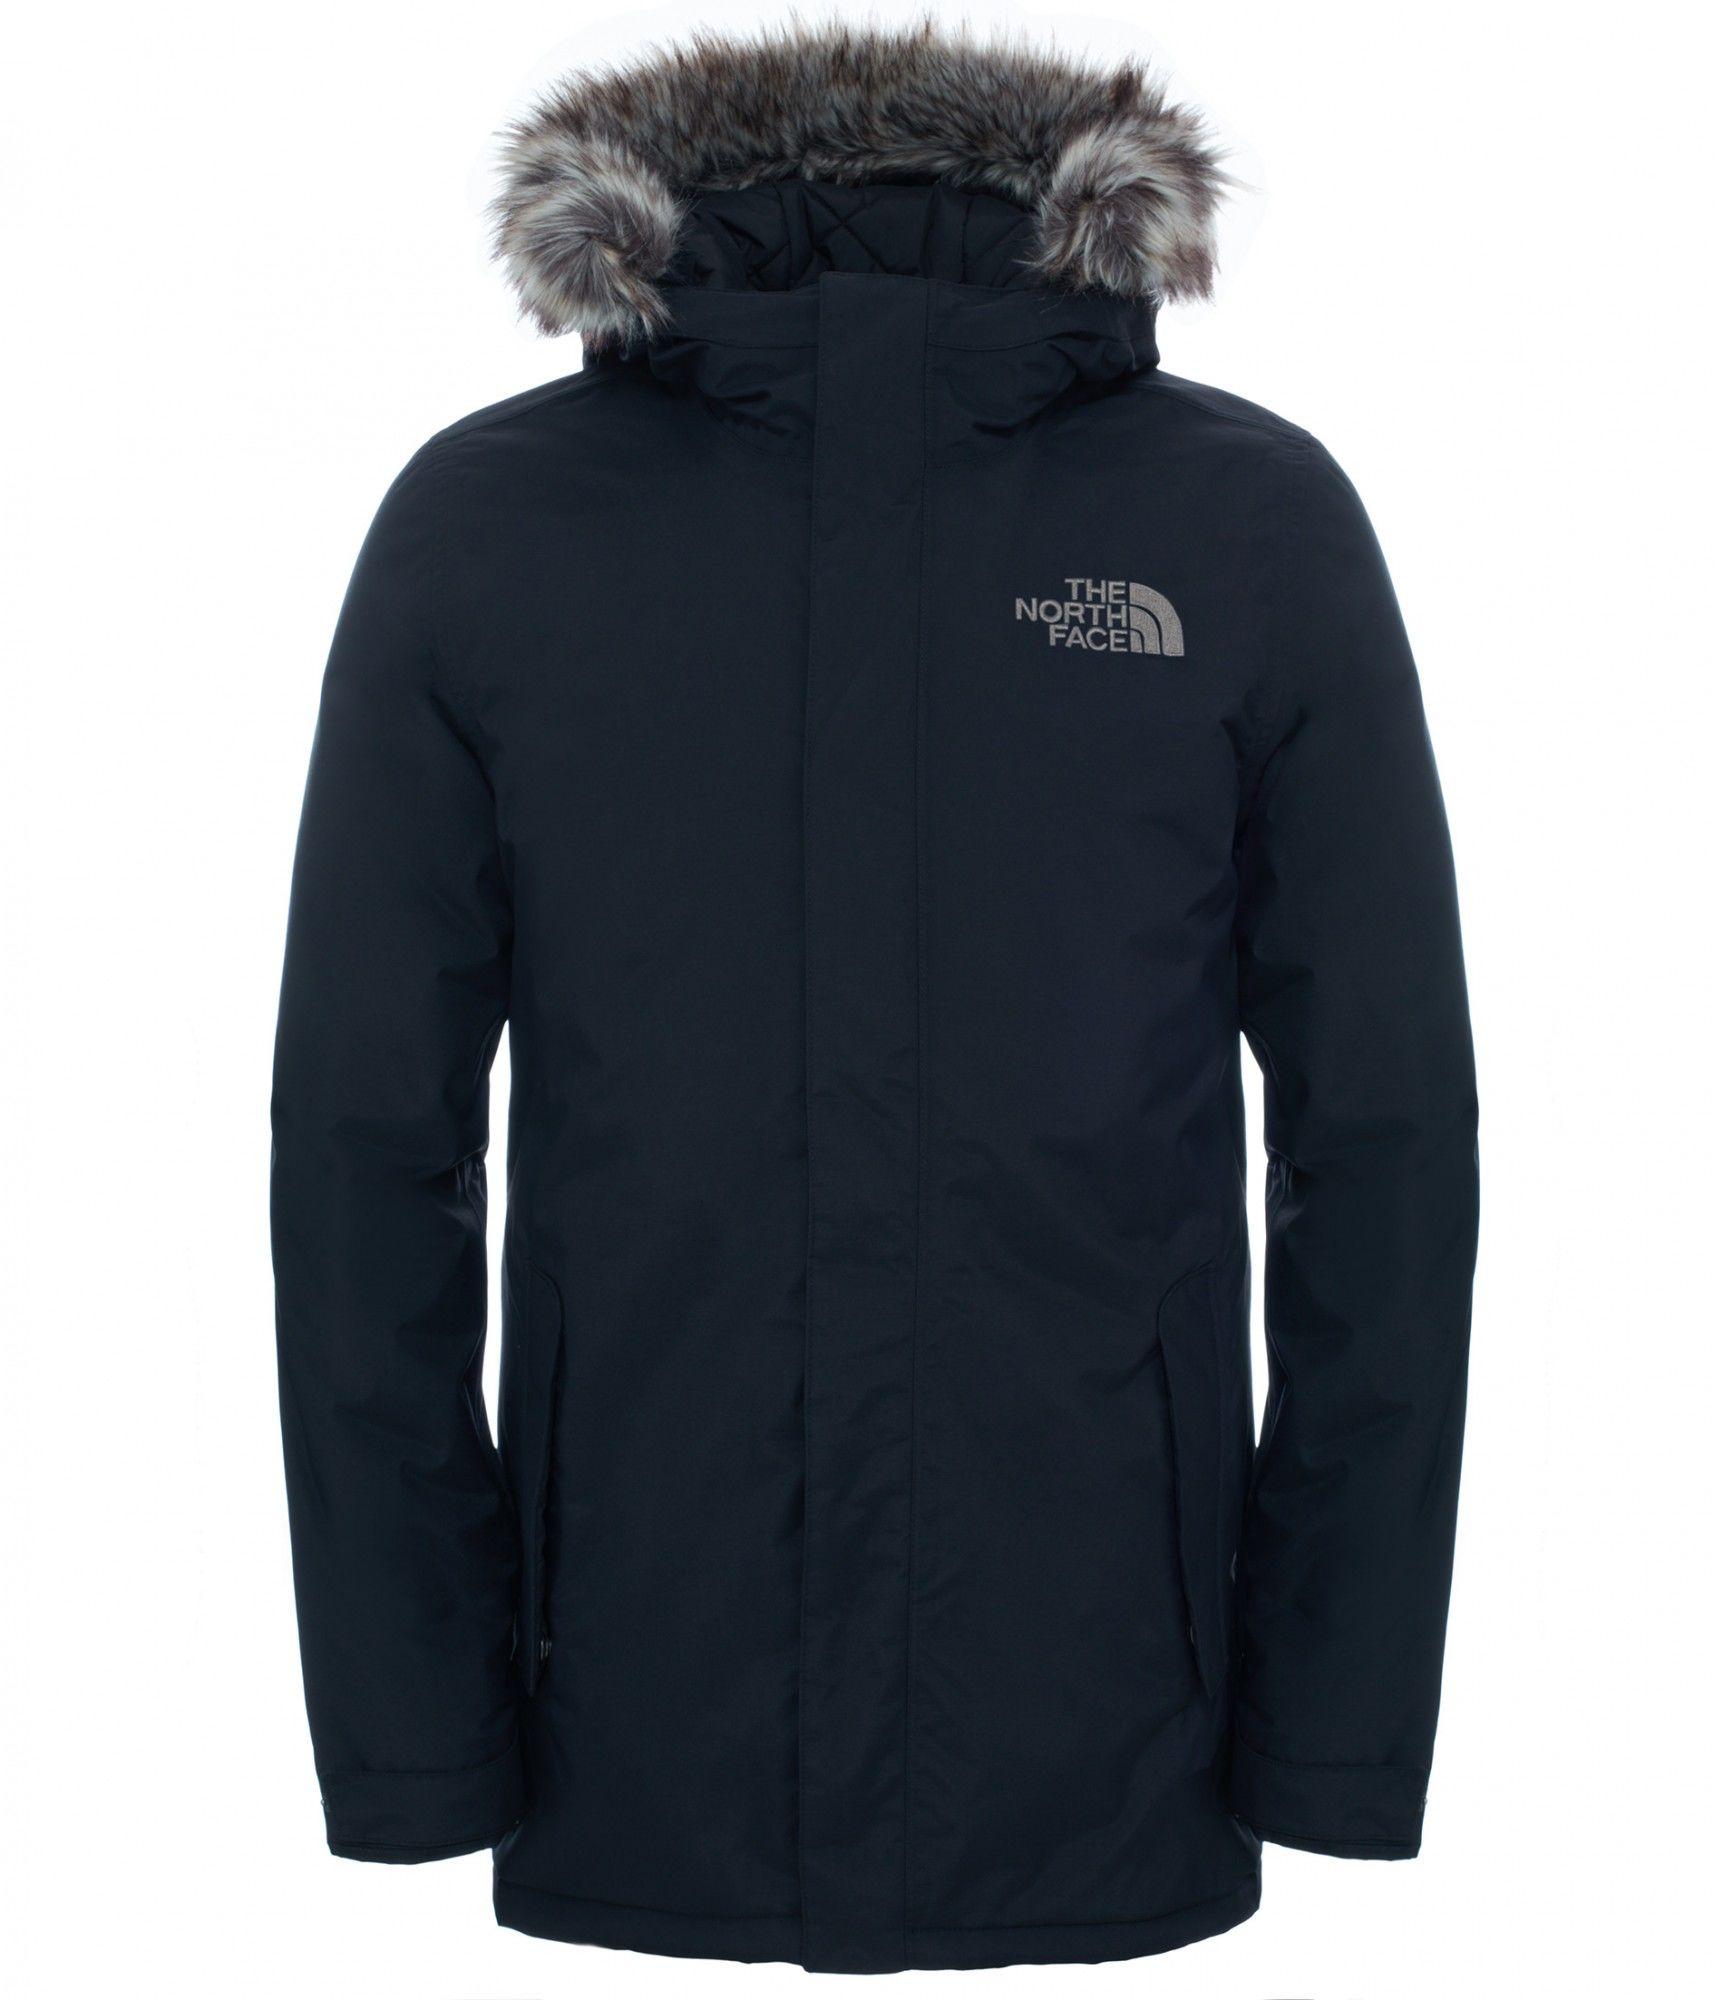 The North Face M Zaneck Jacket | Größe S,L,XL | Herren Freizeitjacke